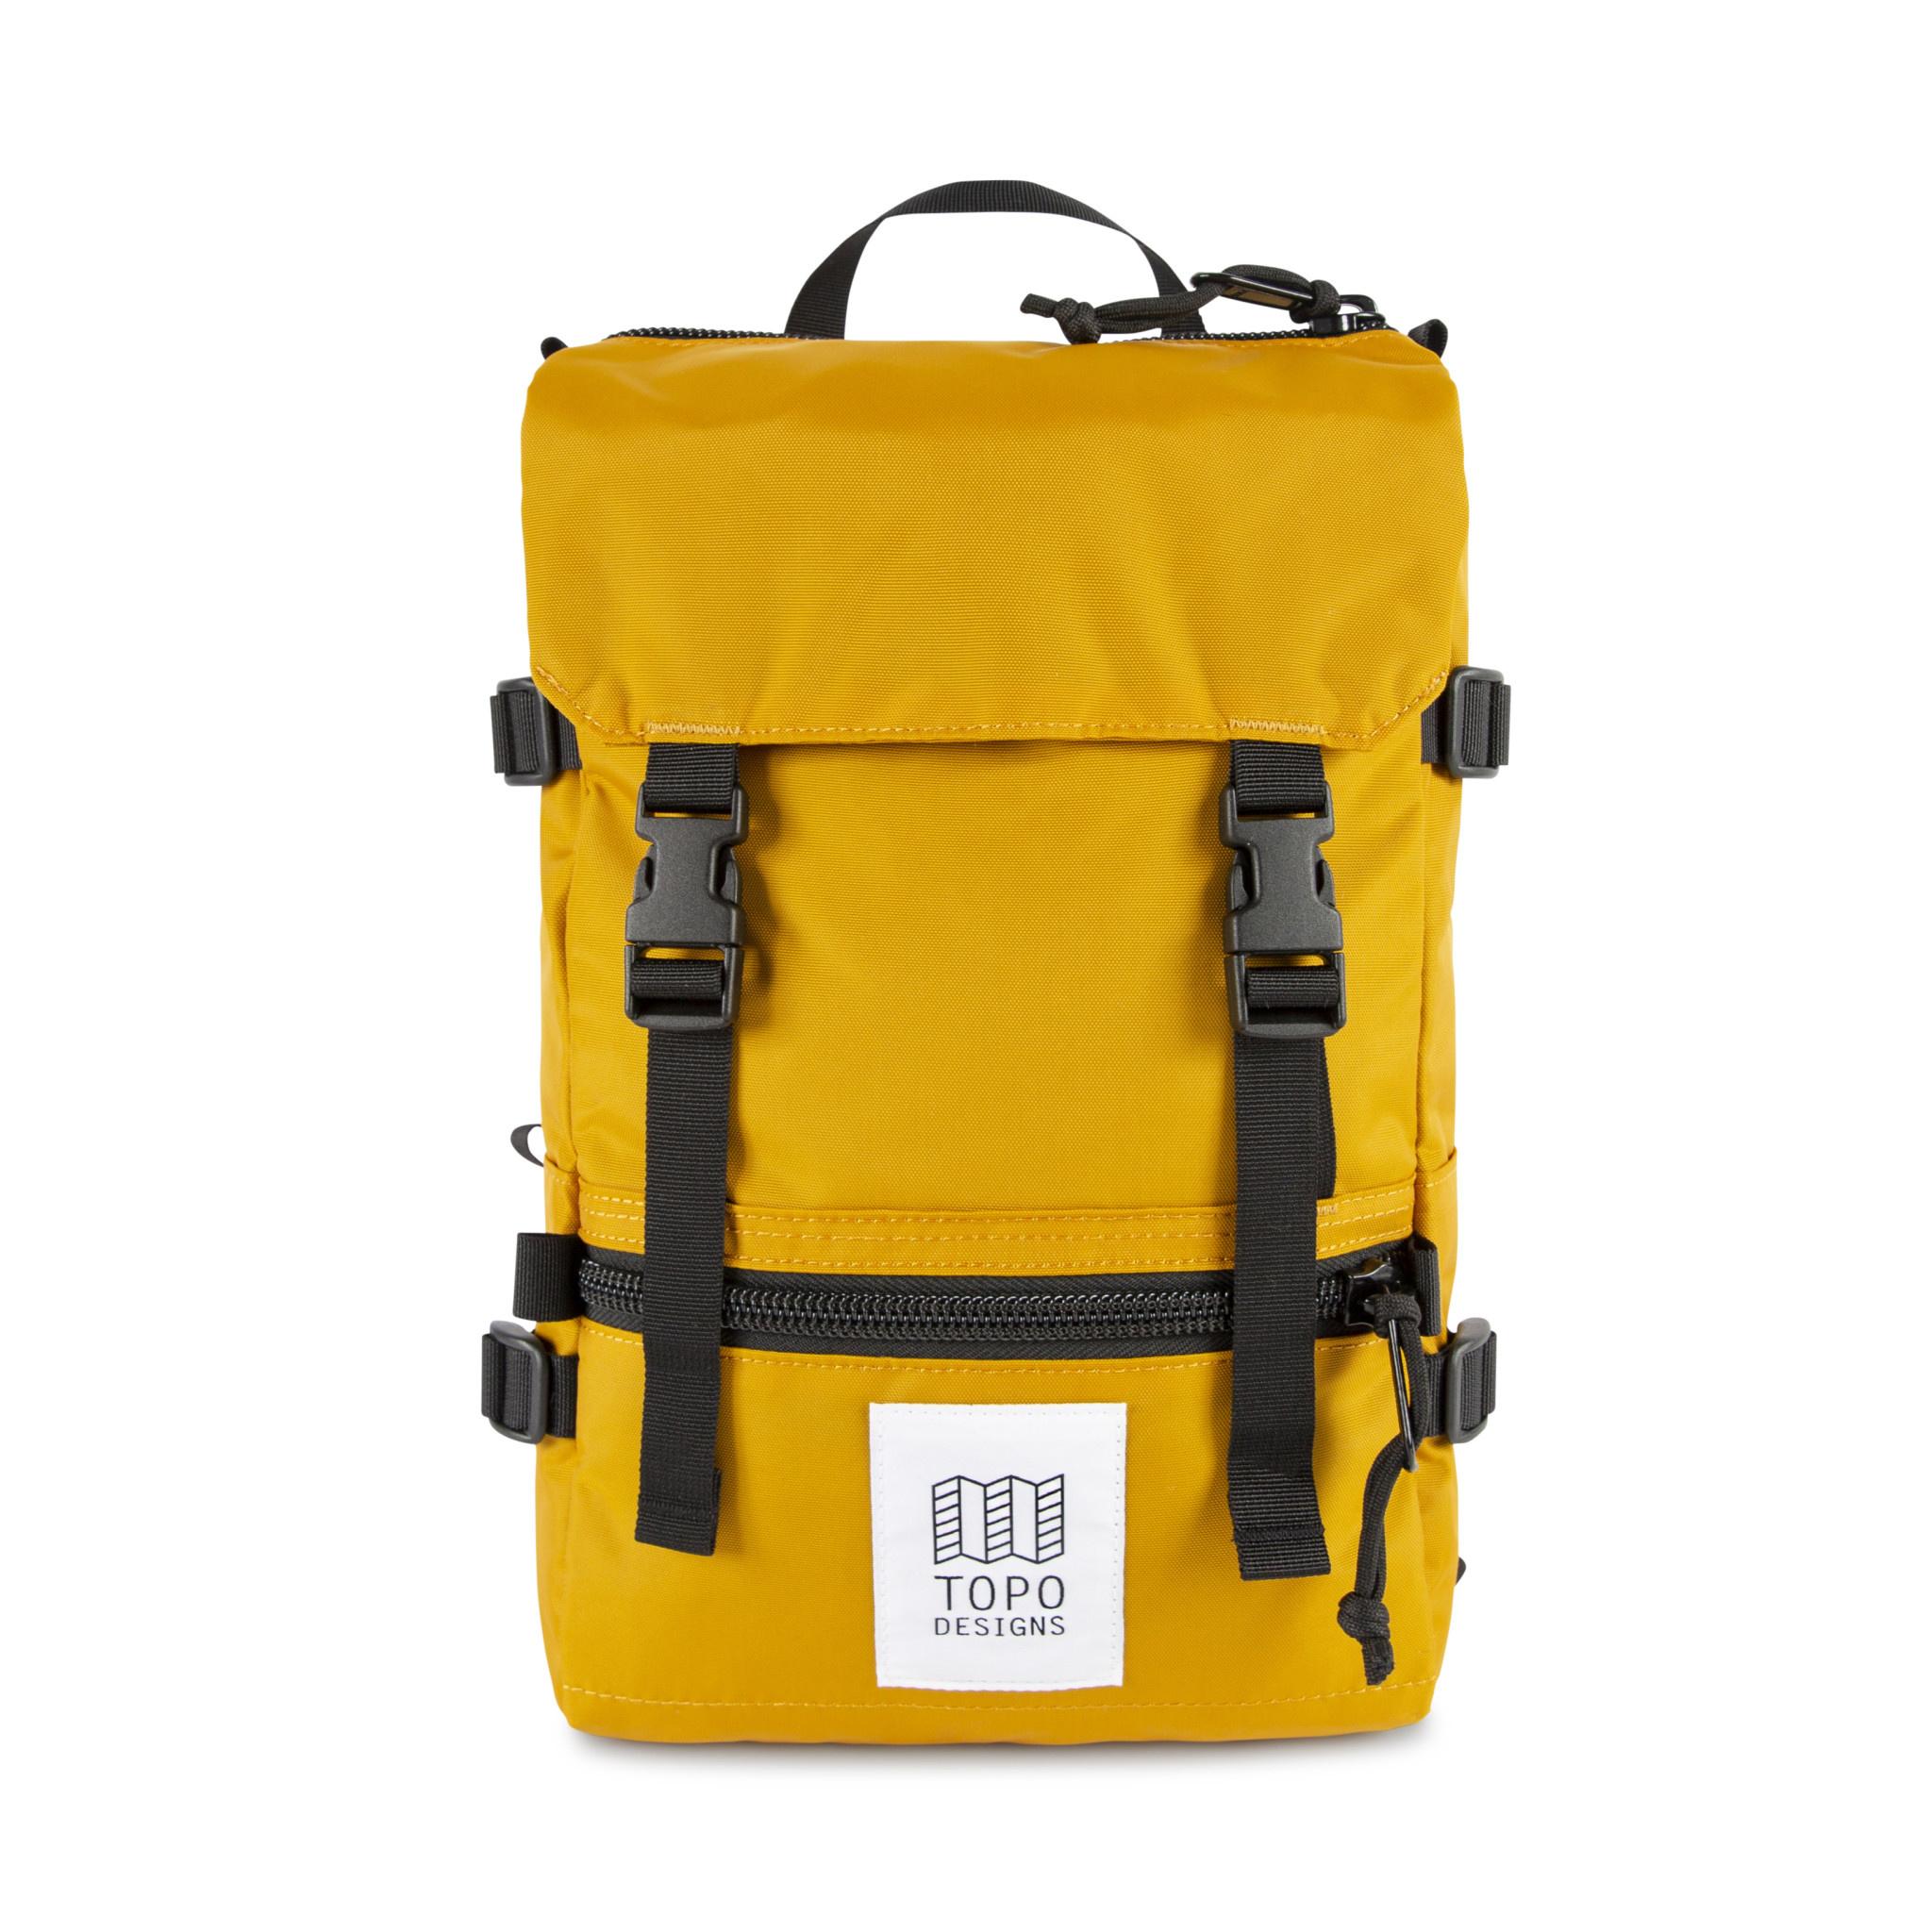 Topo Designs Topo Designs Rover Pack Mini - Mustard